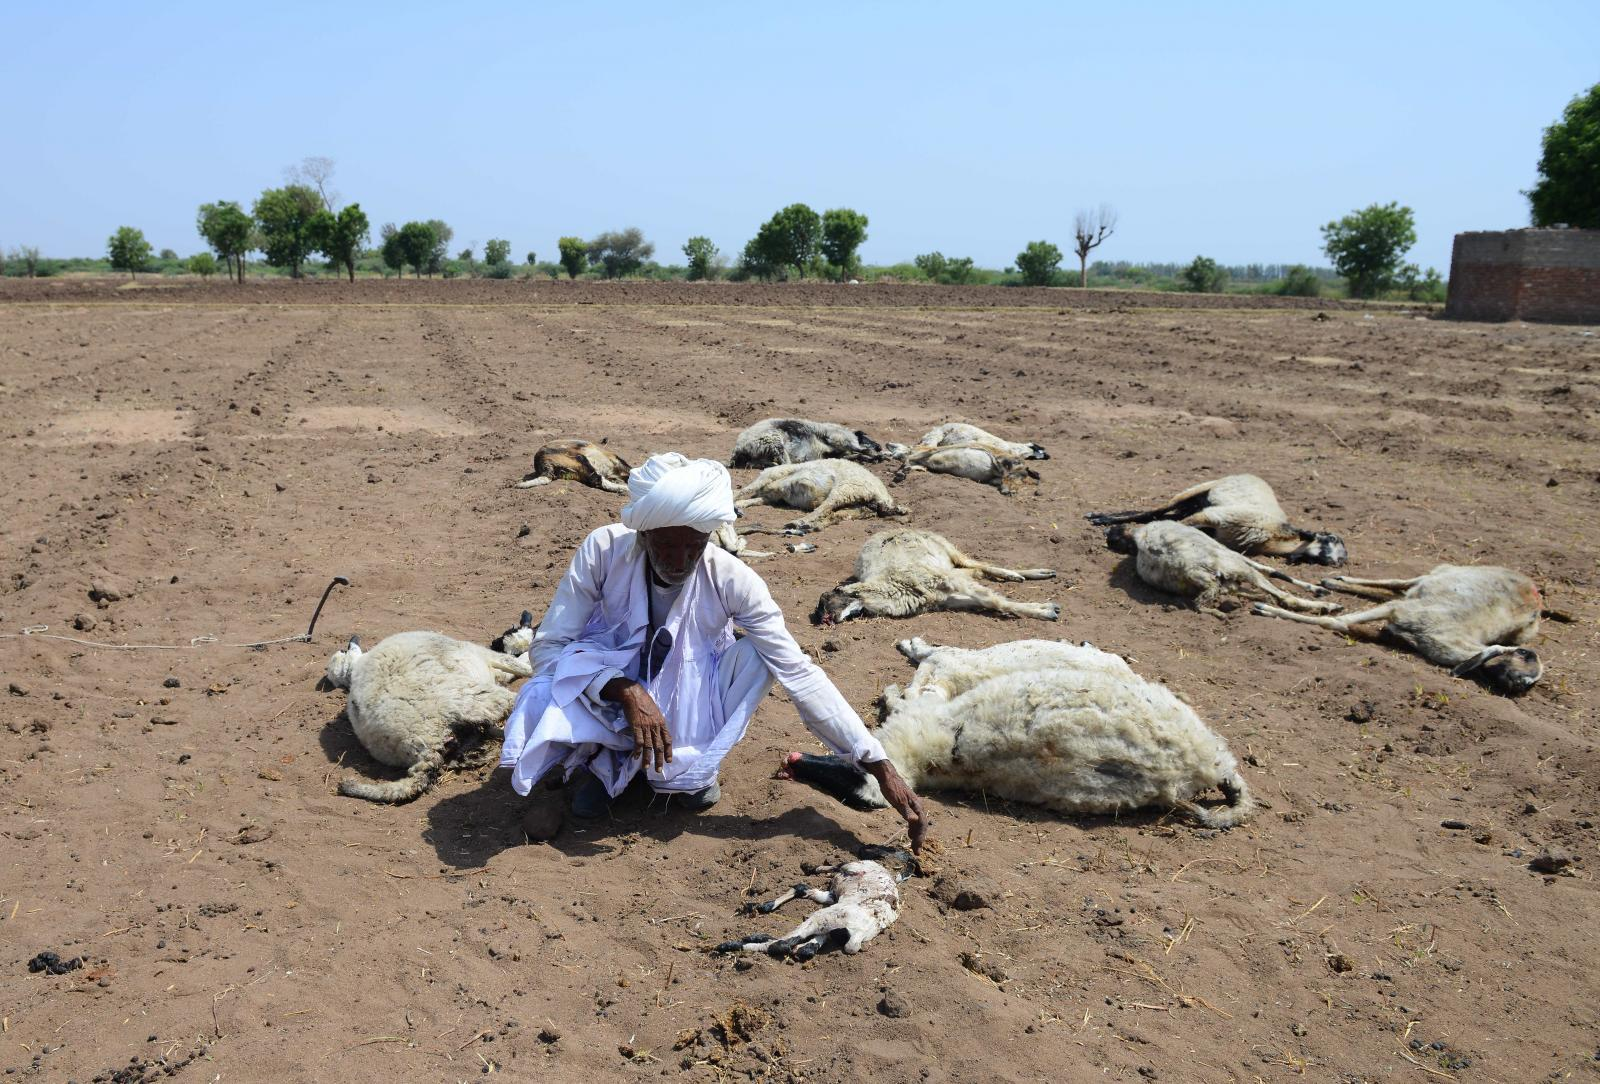 อินเดีย ร้อนจัด อุณหภูมิแตะ 50 องศาเซลเซียส